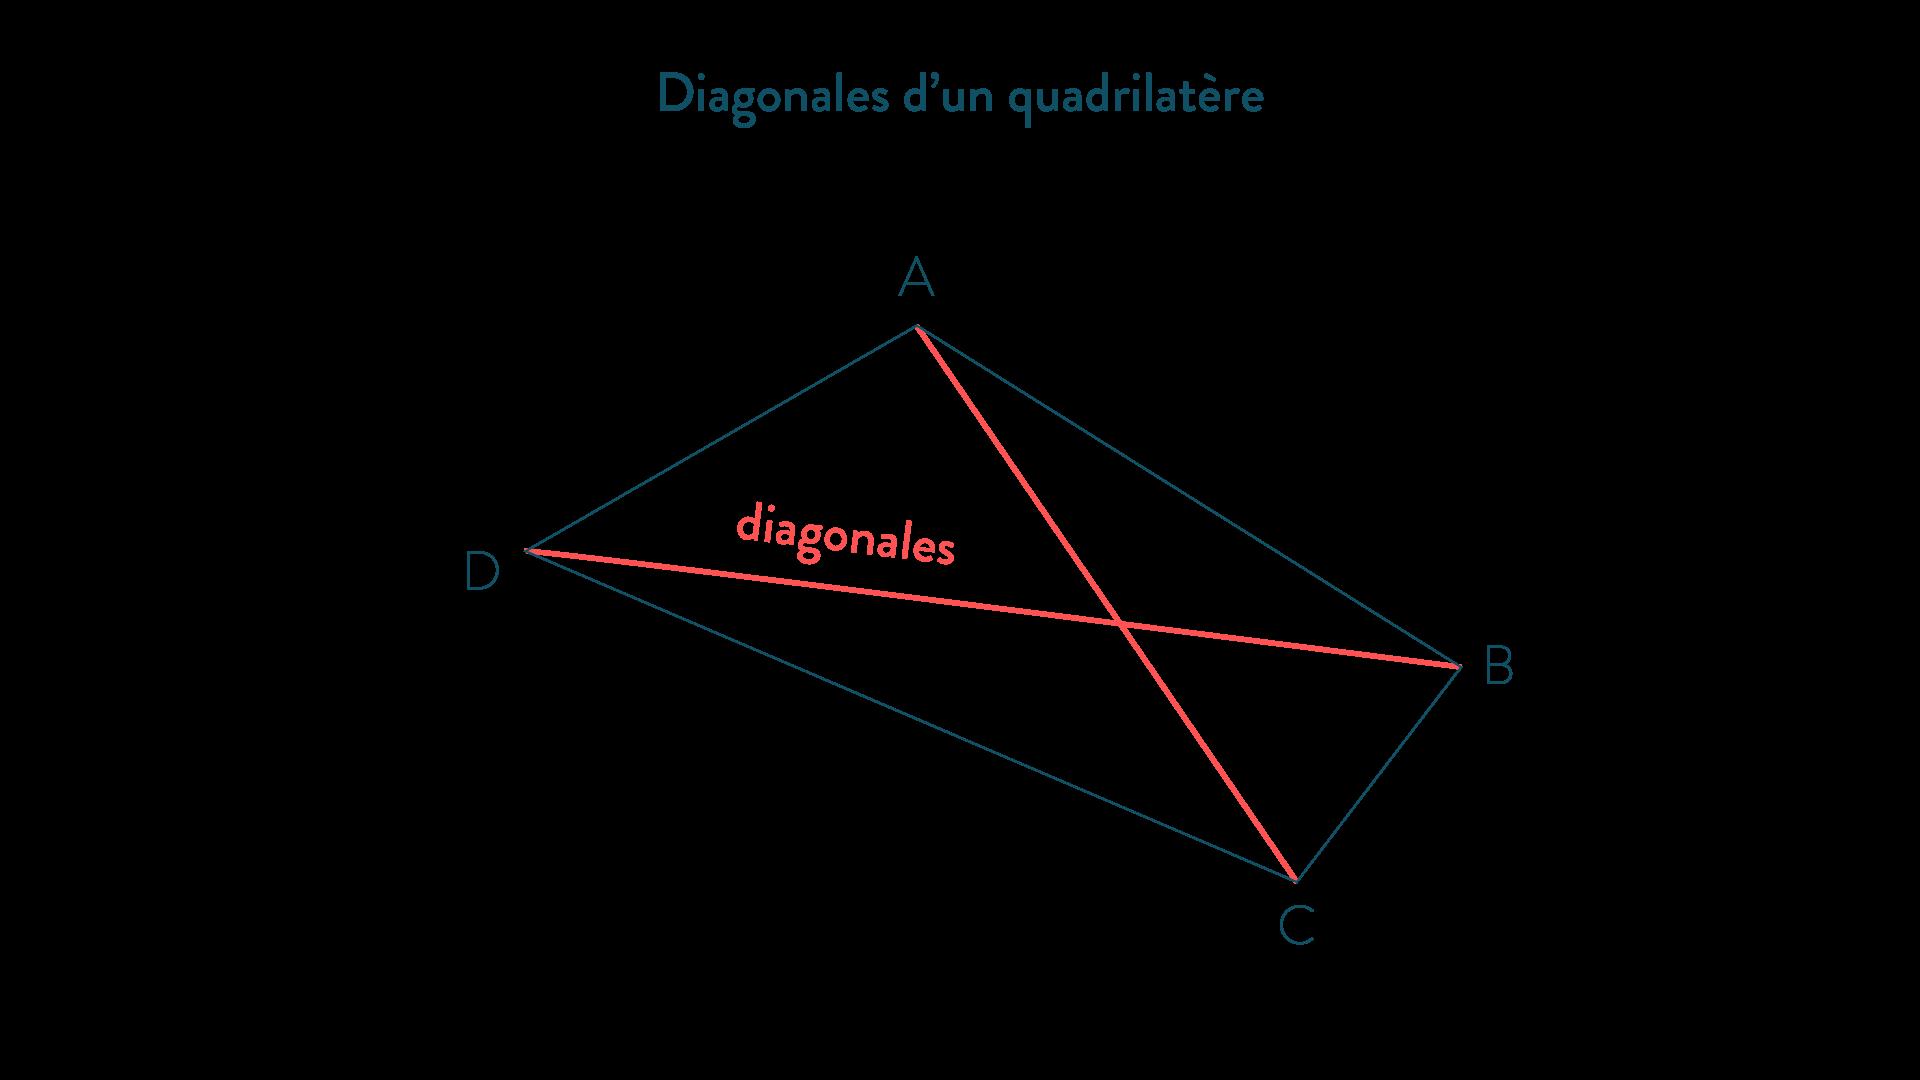 Diagonales d'un quadrilatère-Mathématiques-4e